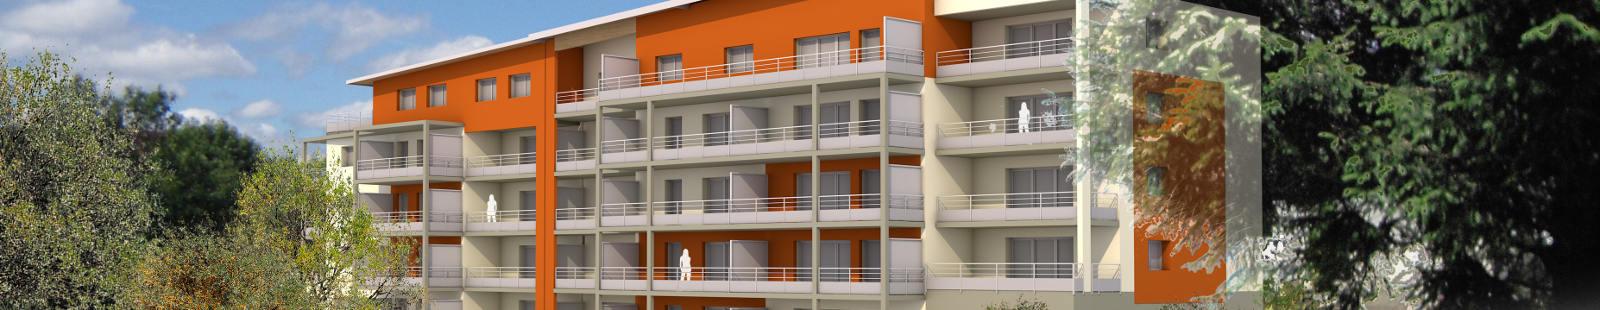 31 appartements neufs à Valdahon avec terrasses au Sud